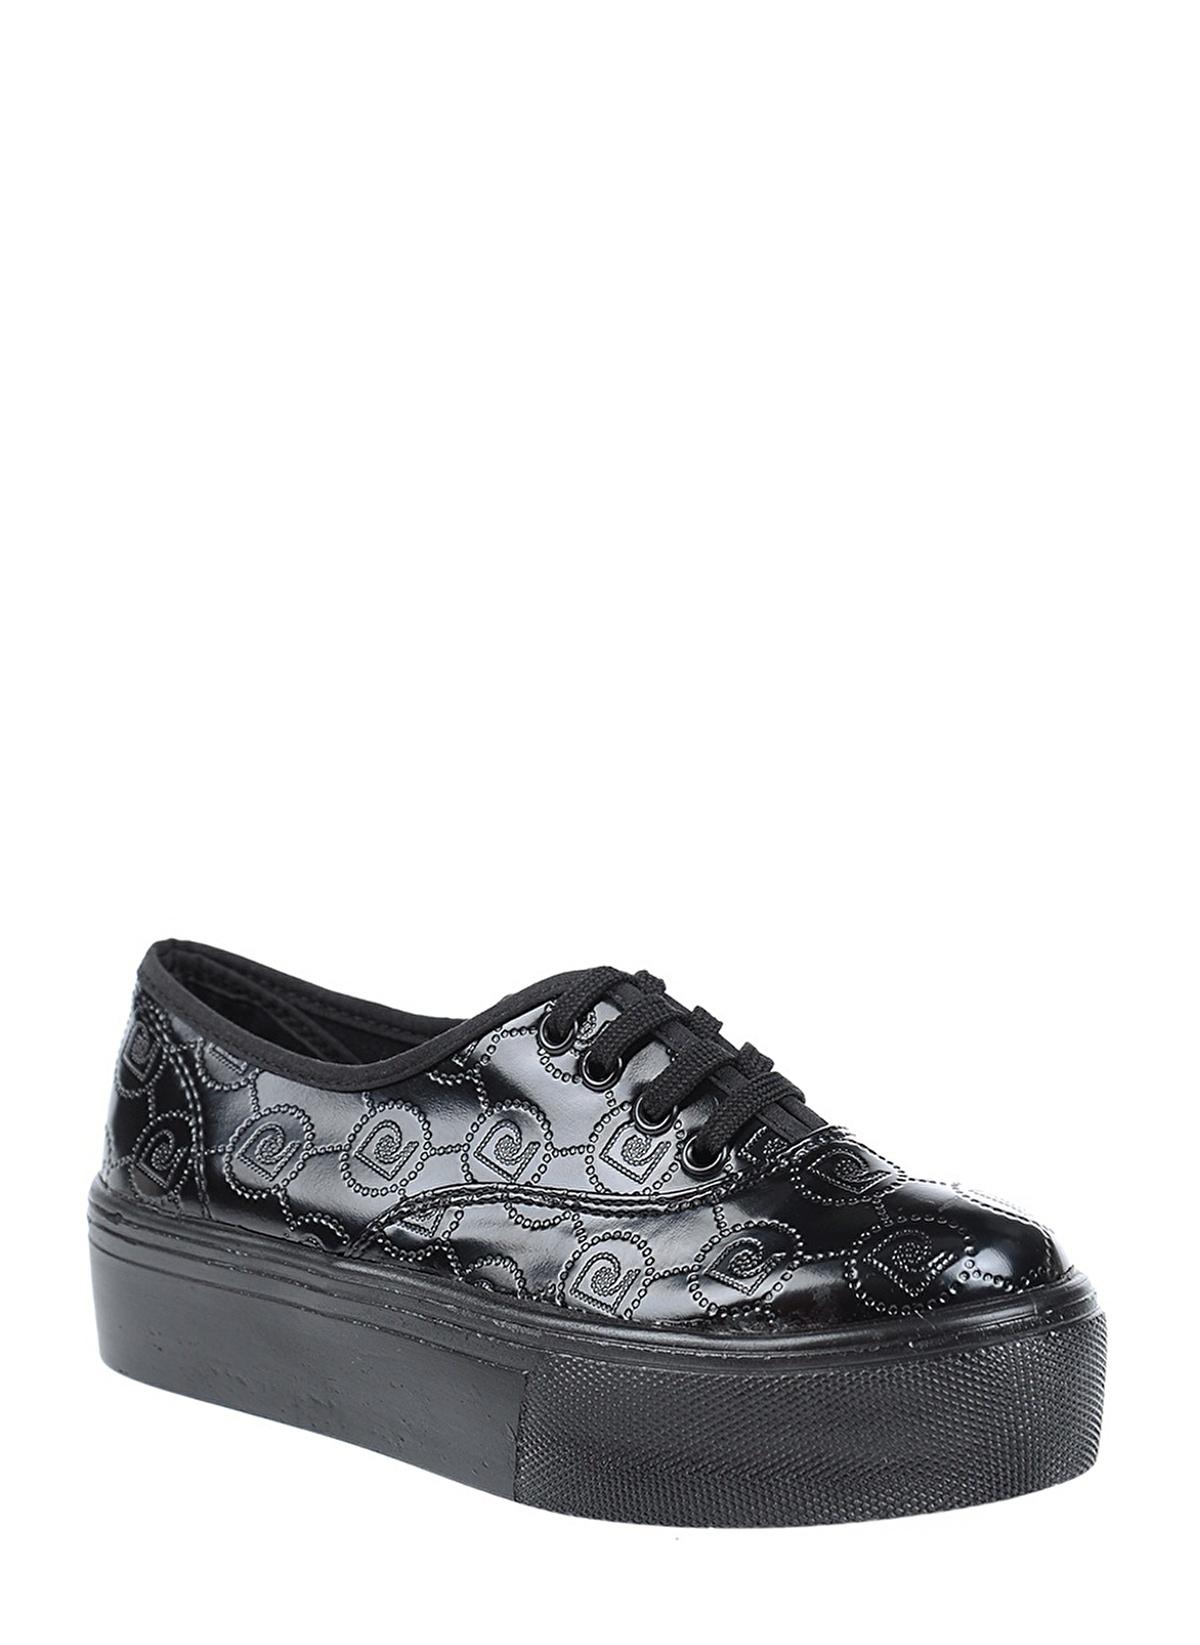 55cda4f0d4bbd Pierre Cardin Kadın Ayakkabı Siyah | Morhipo | 15613743